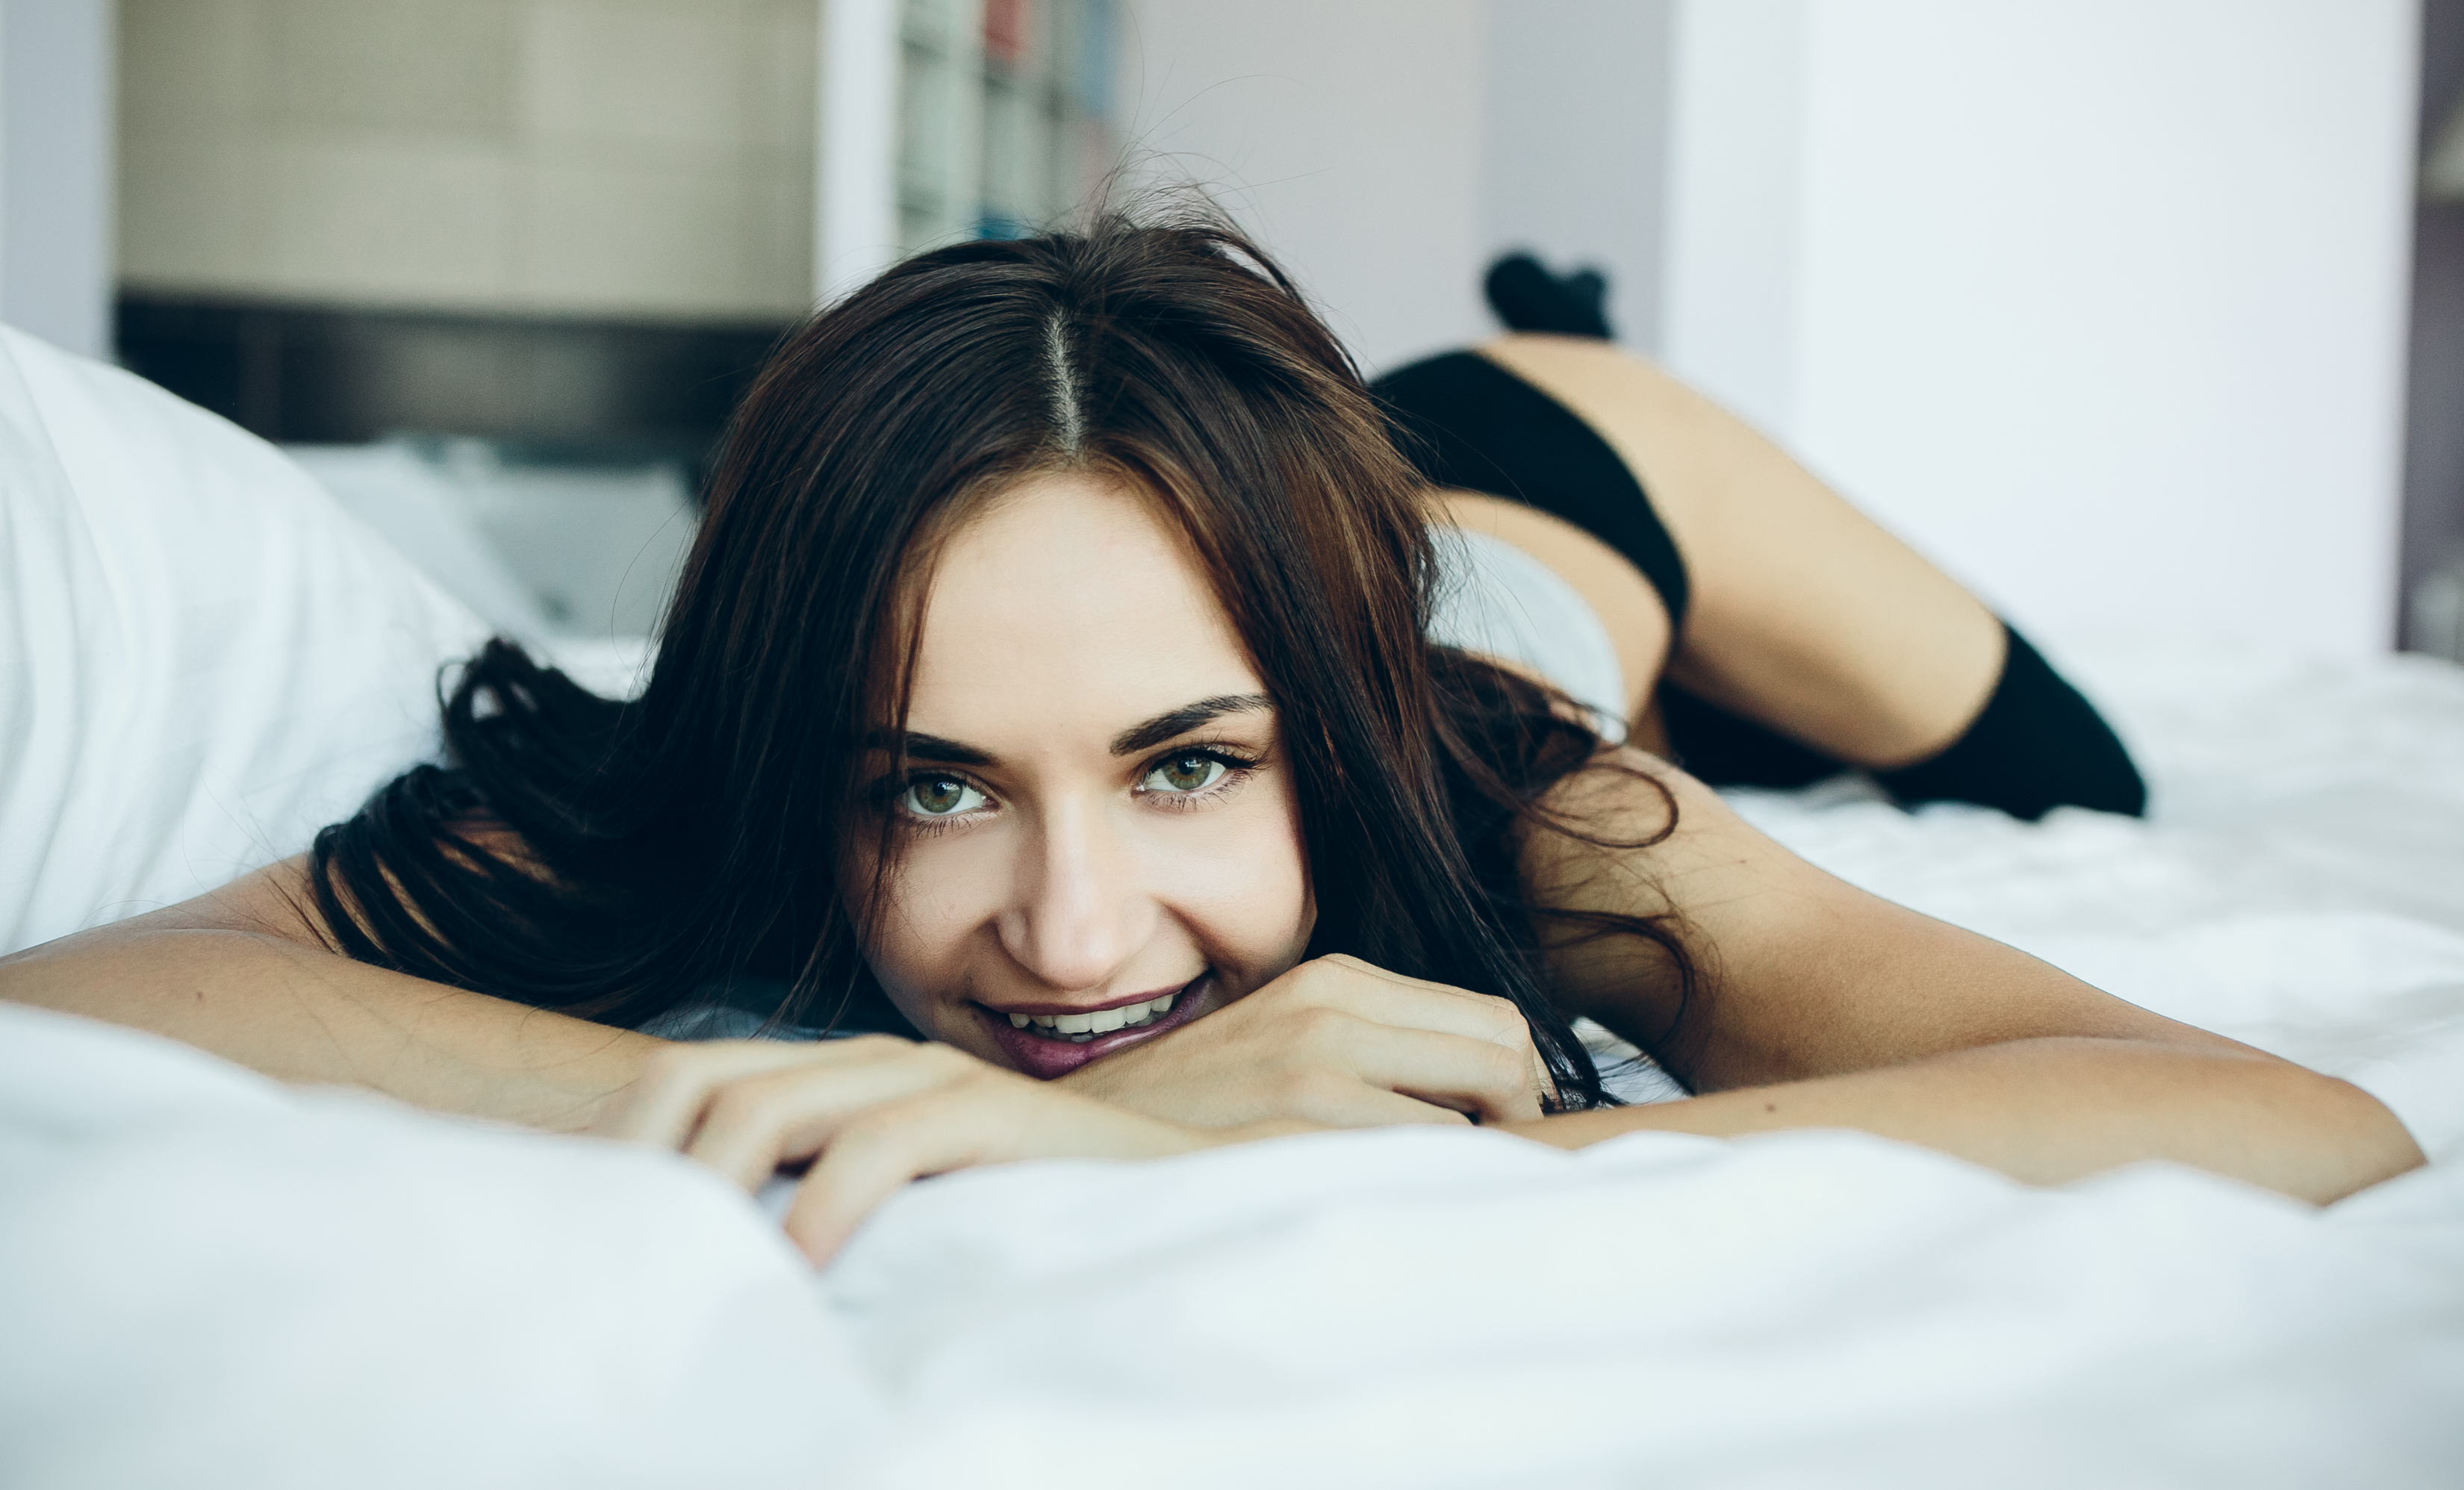 Kõige seksikamad rollimängud, mida peab igaüks järgi proovima!